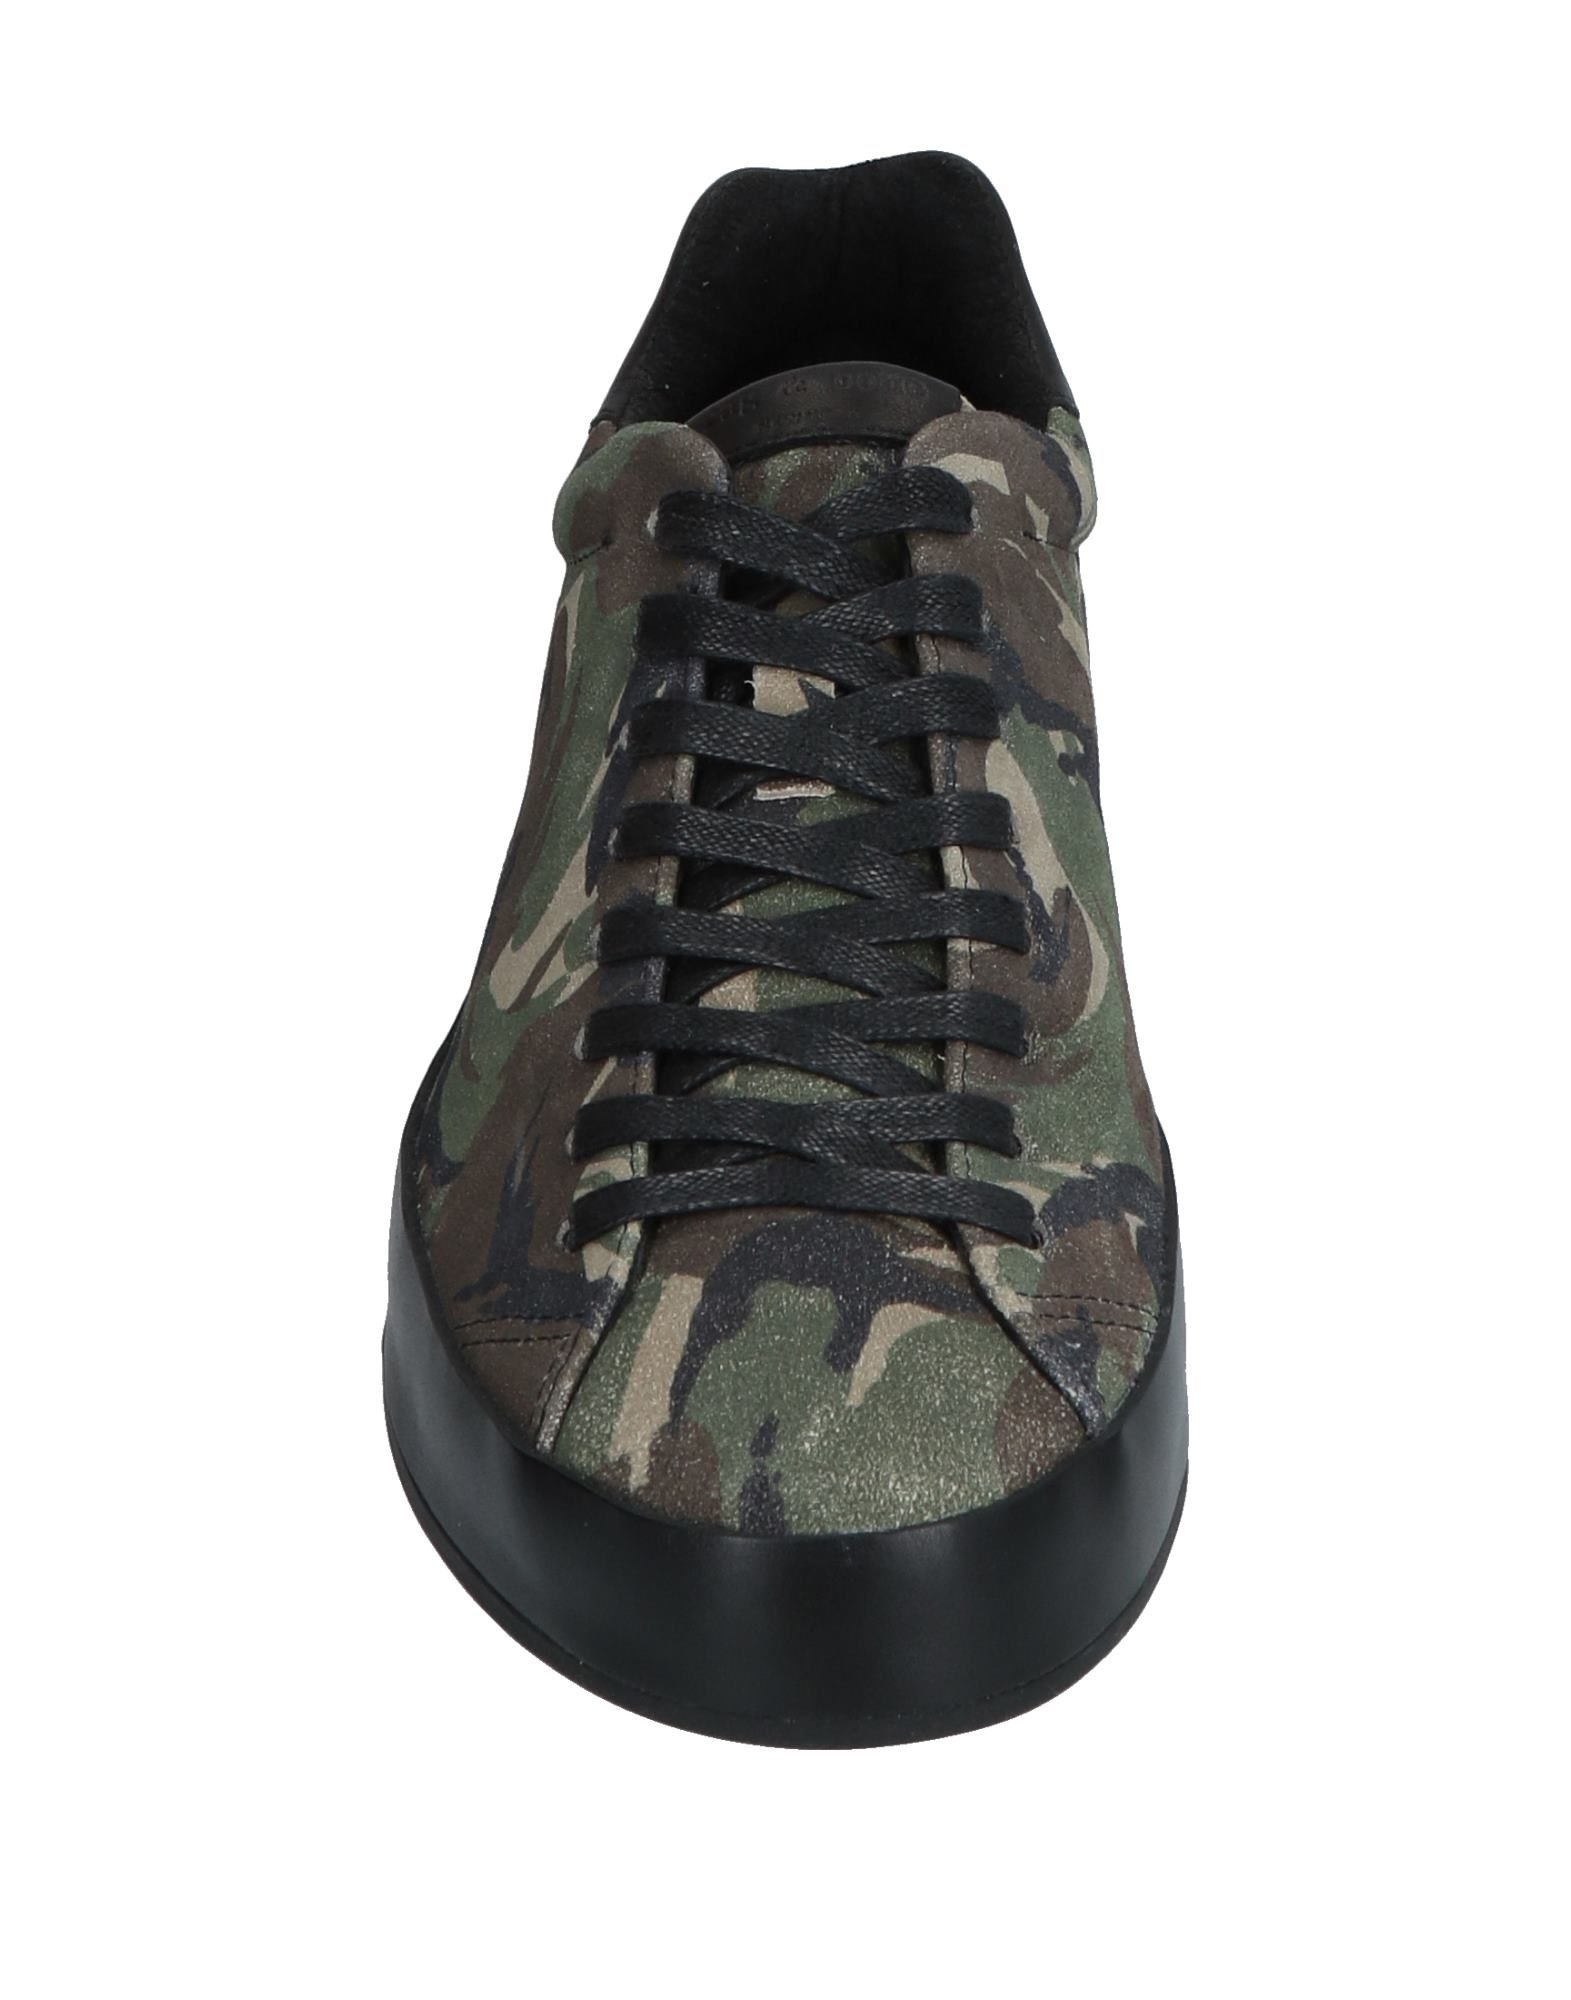 Rag Sneakers & Bone Sneakers Rag Herren Gutes Preis-Leistungs-Verhältnis, es lohnt sich 1b5fd4